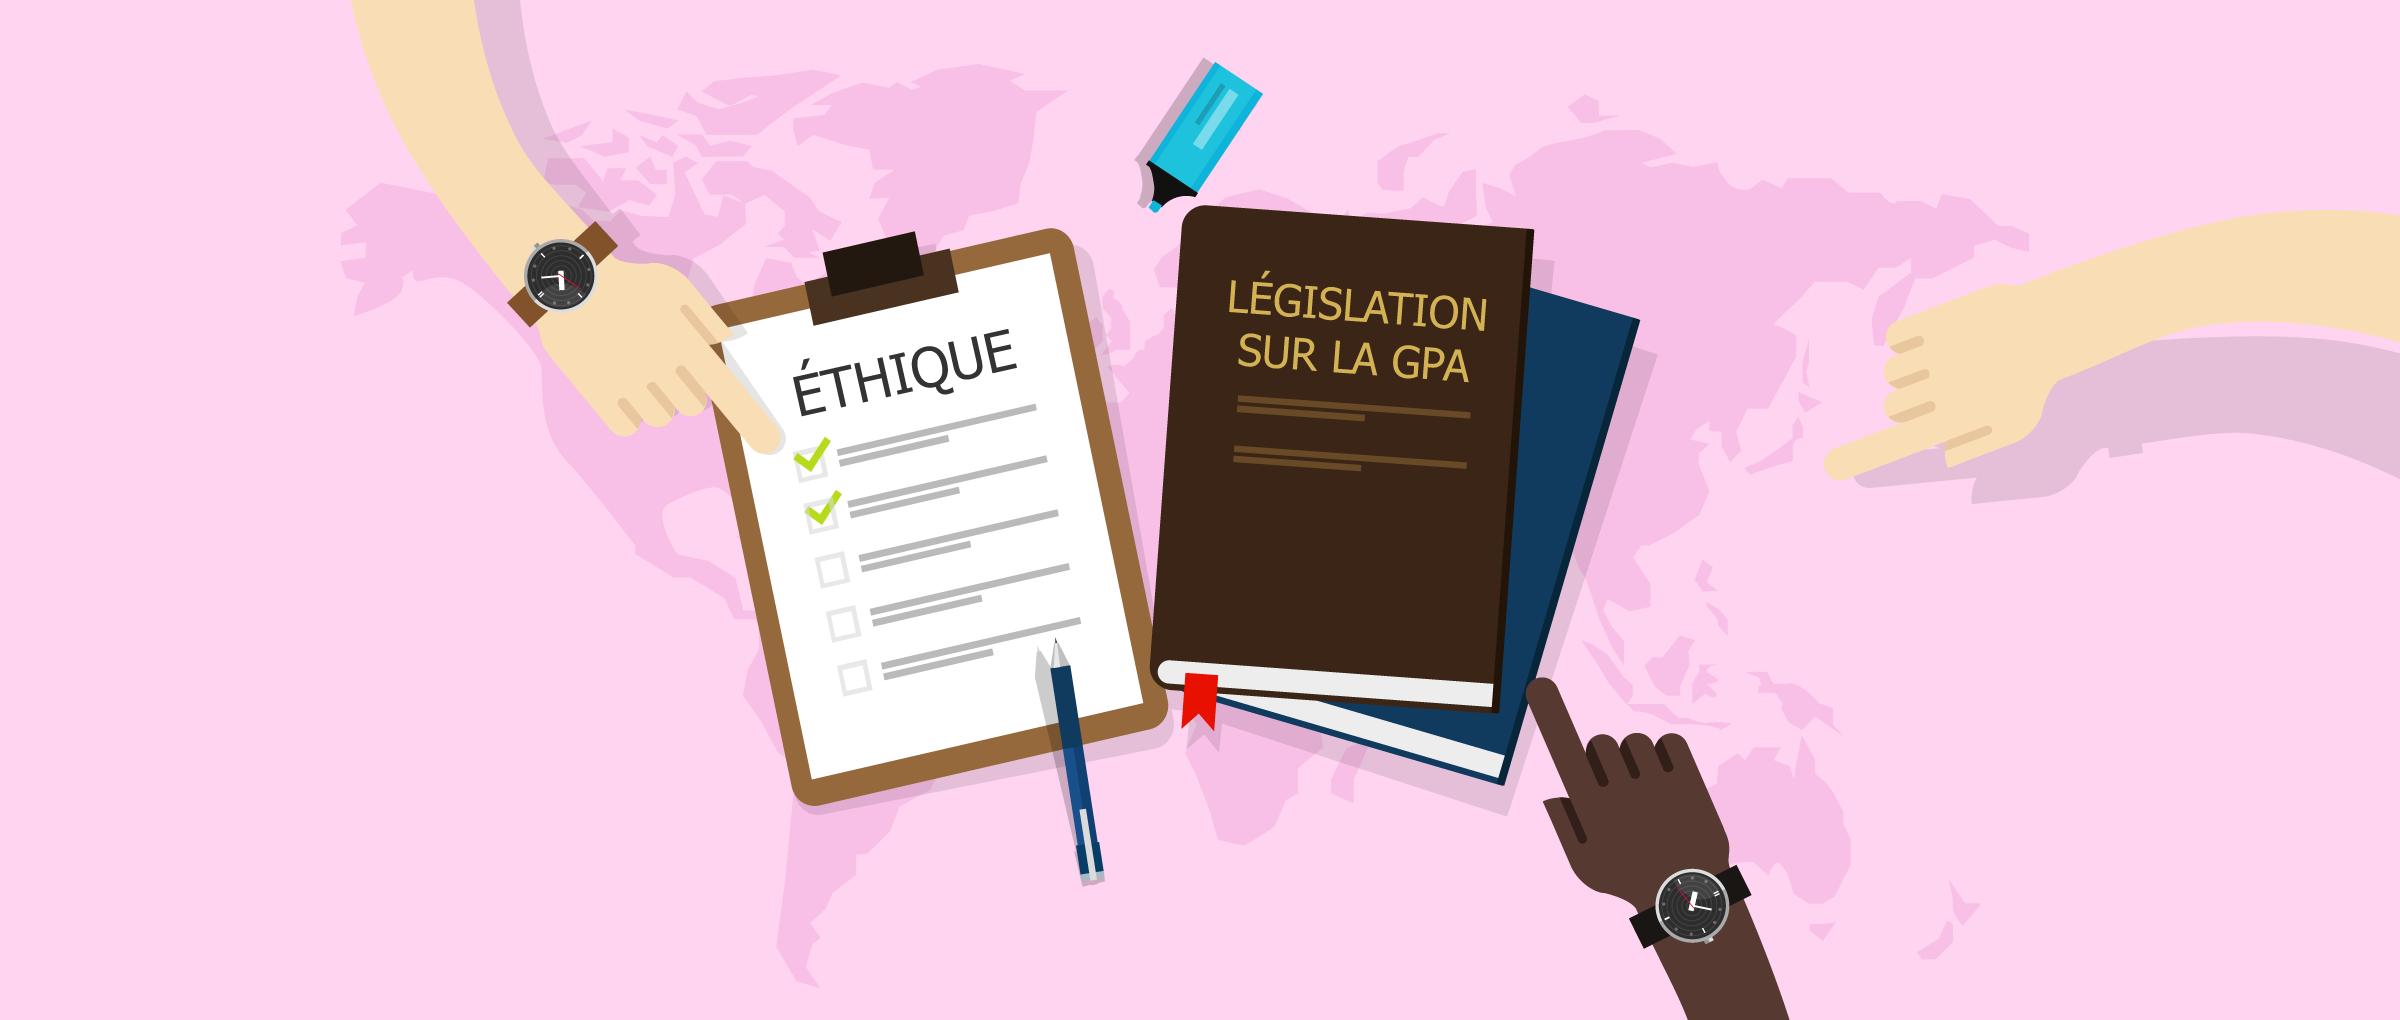 Pratique éthique de la GPA: questions morales et droits de l'homme